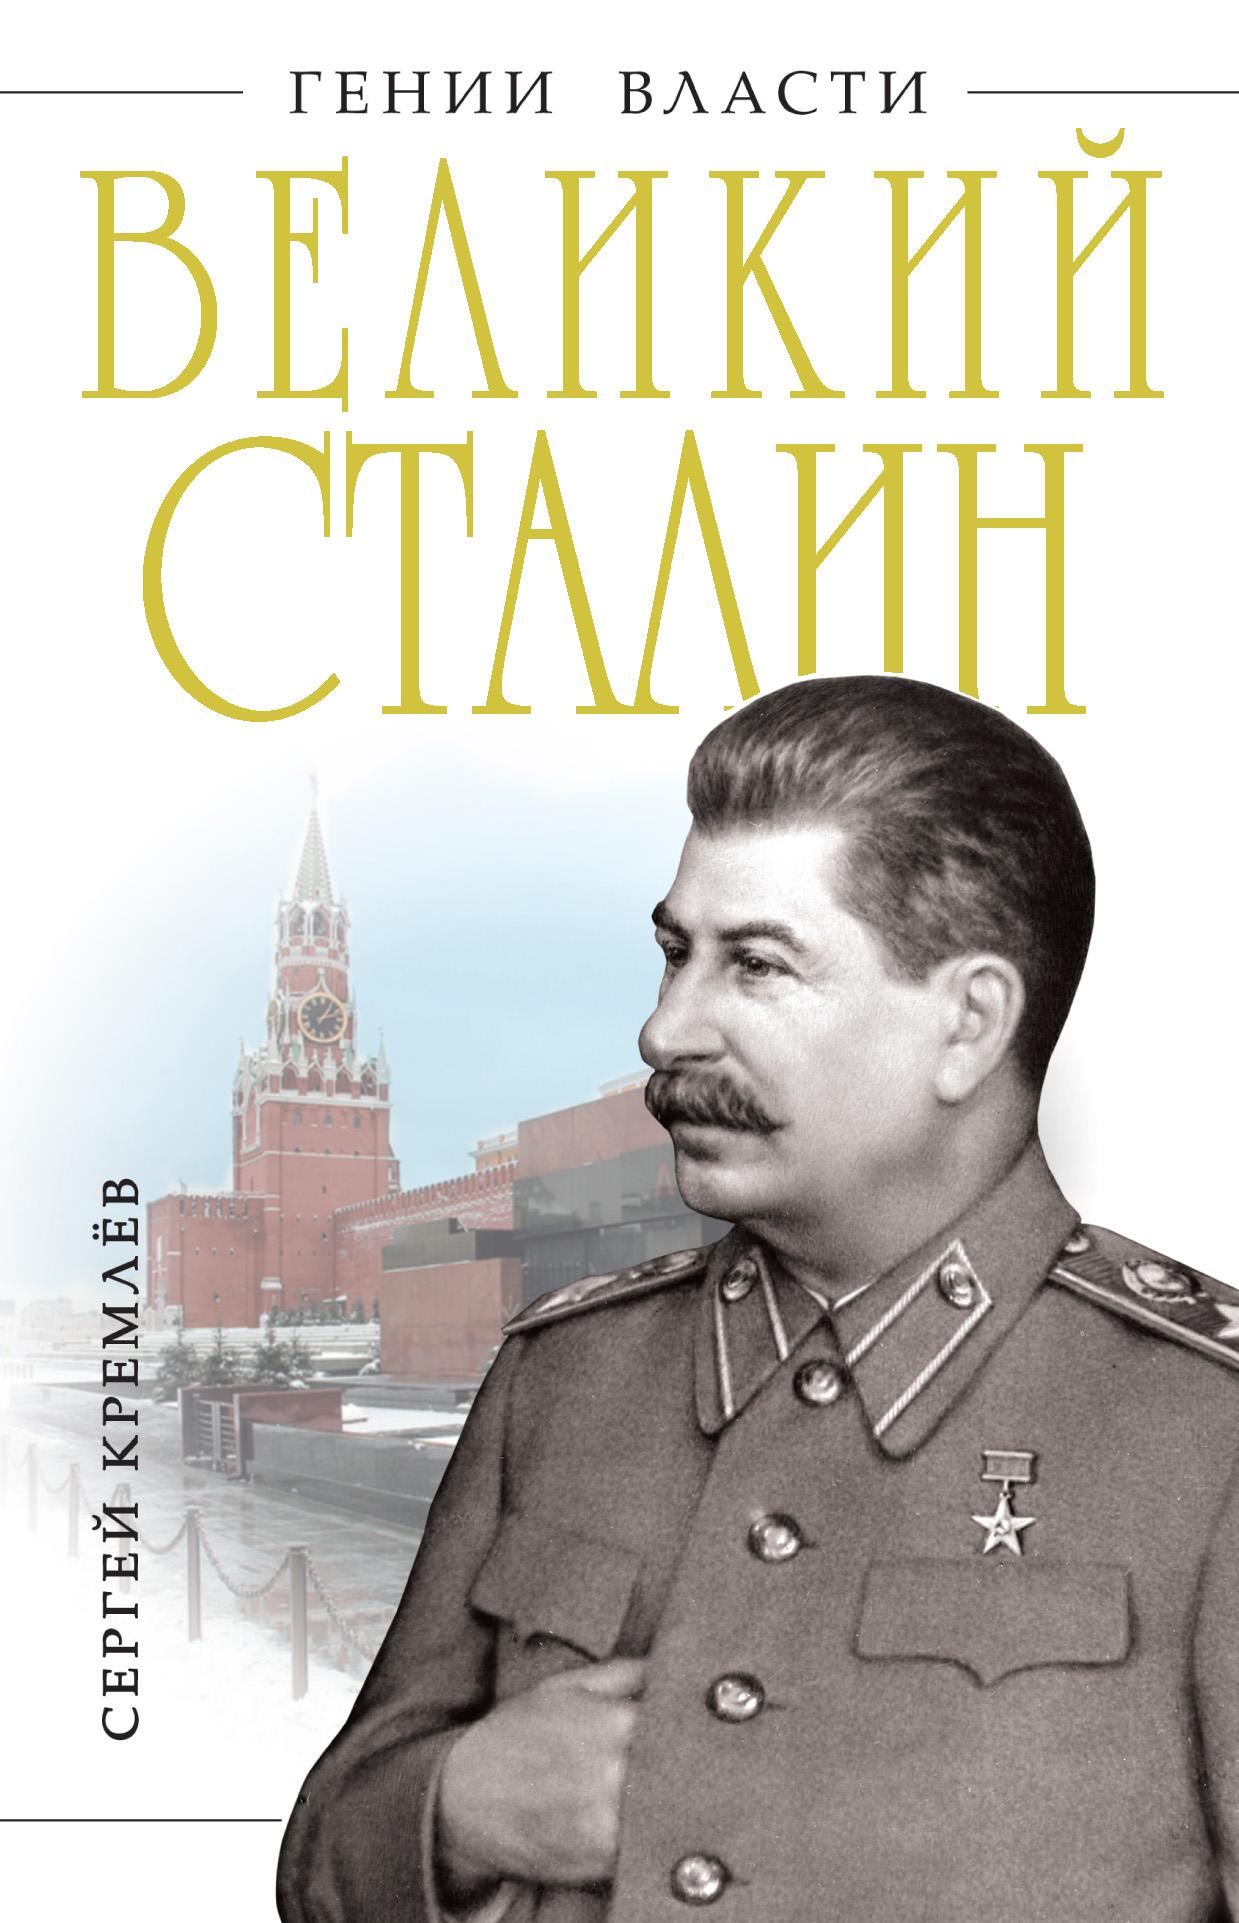 Сергей Кремлев Великий Сталин андрей януарьевич вышинский сталин и враги народа